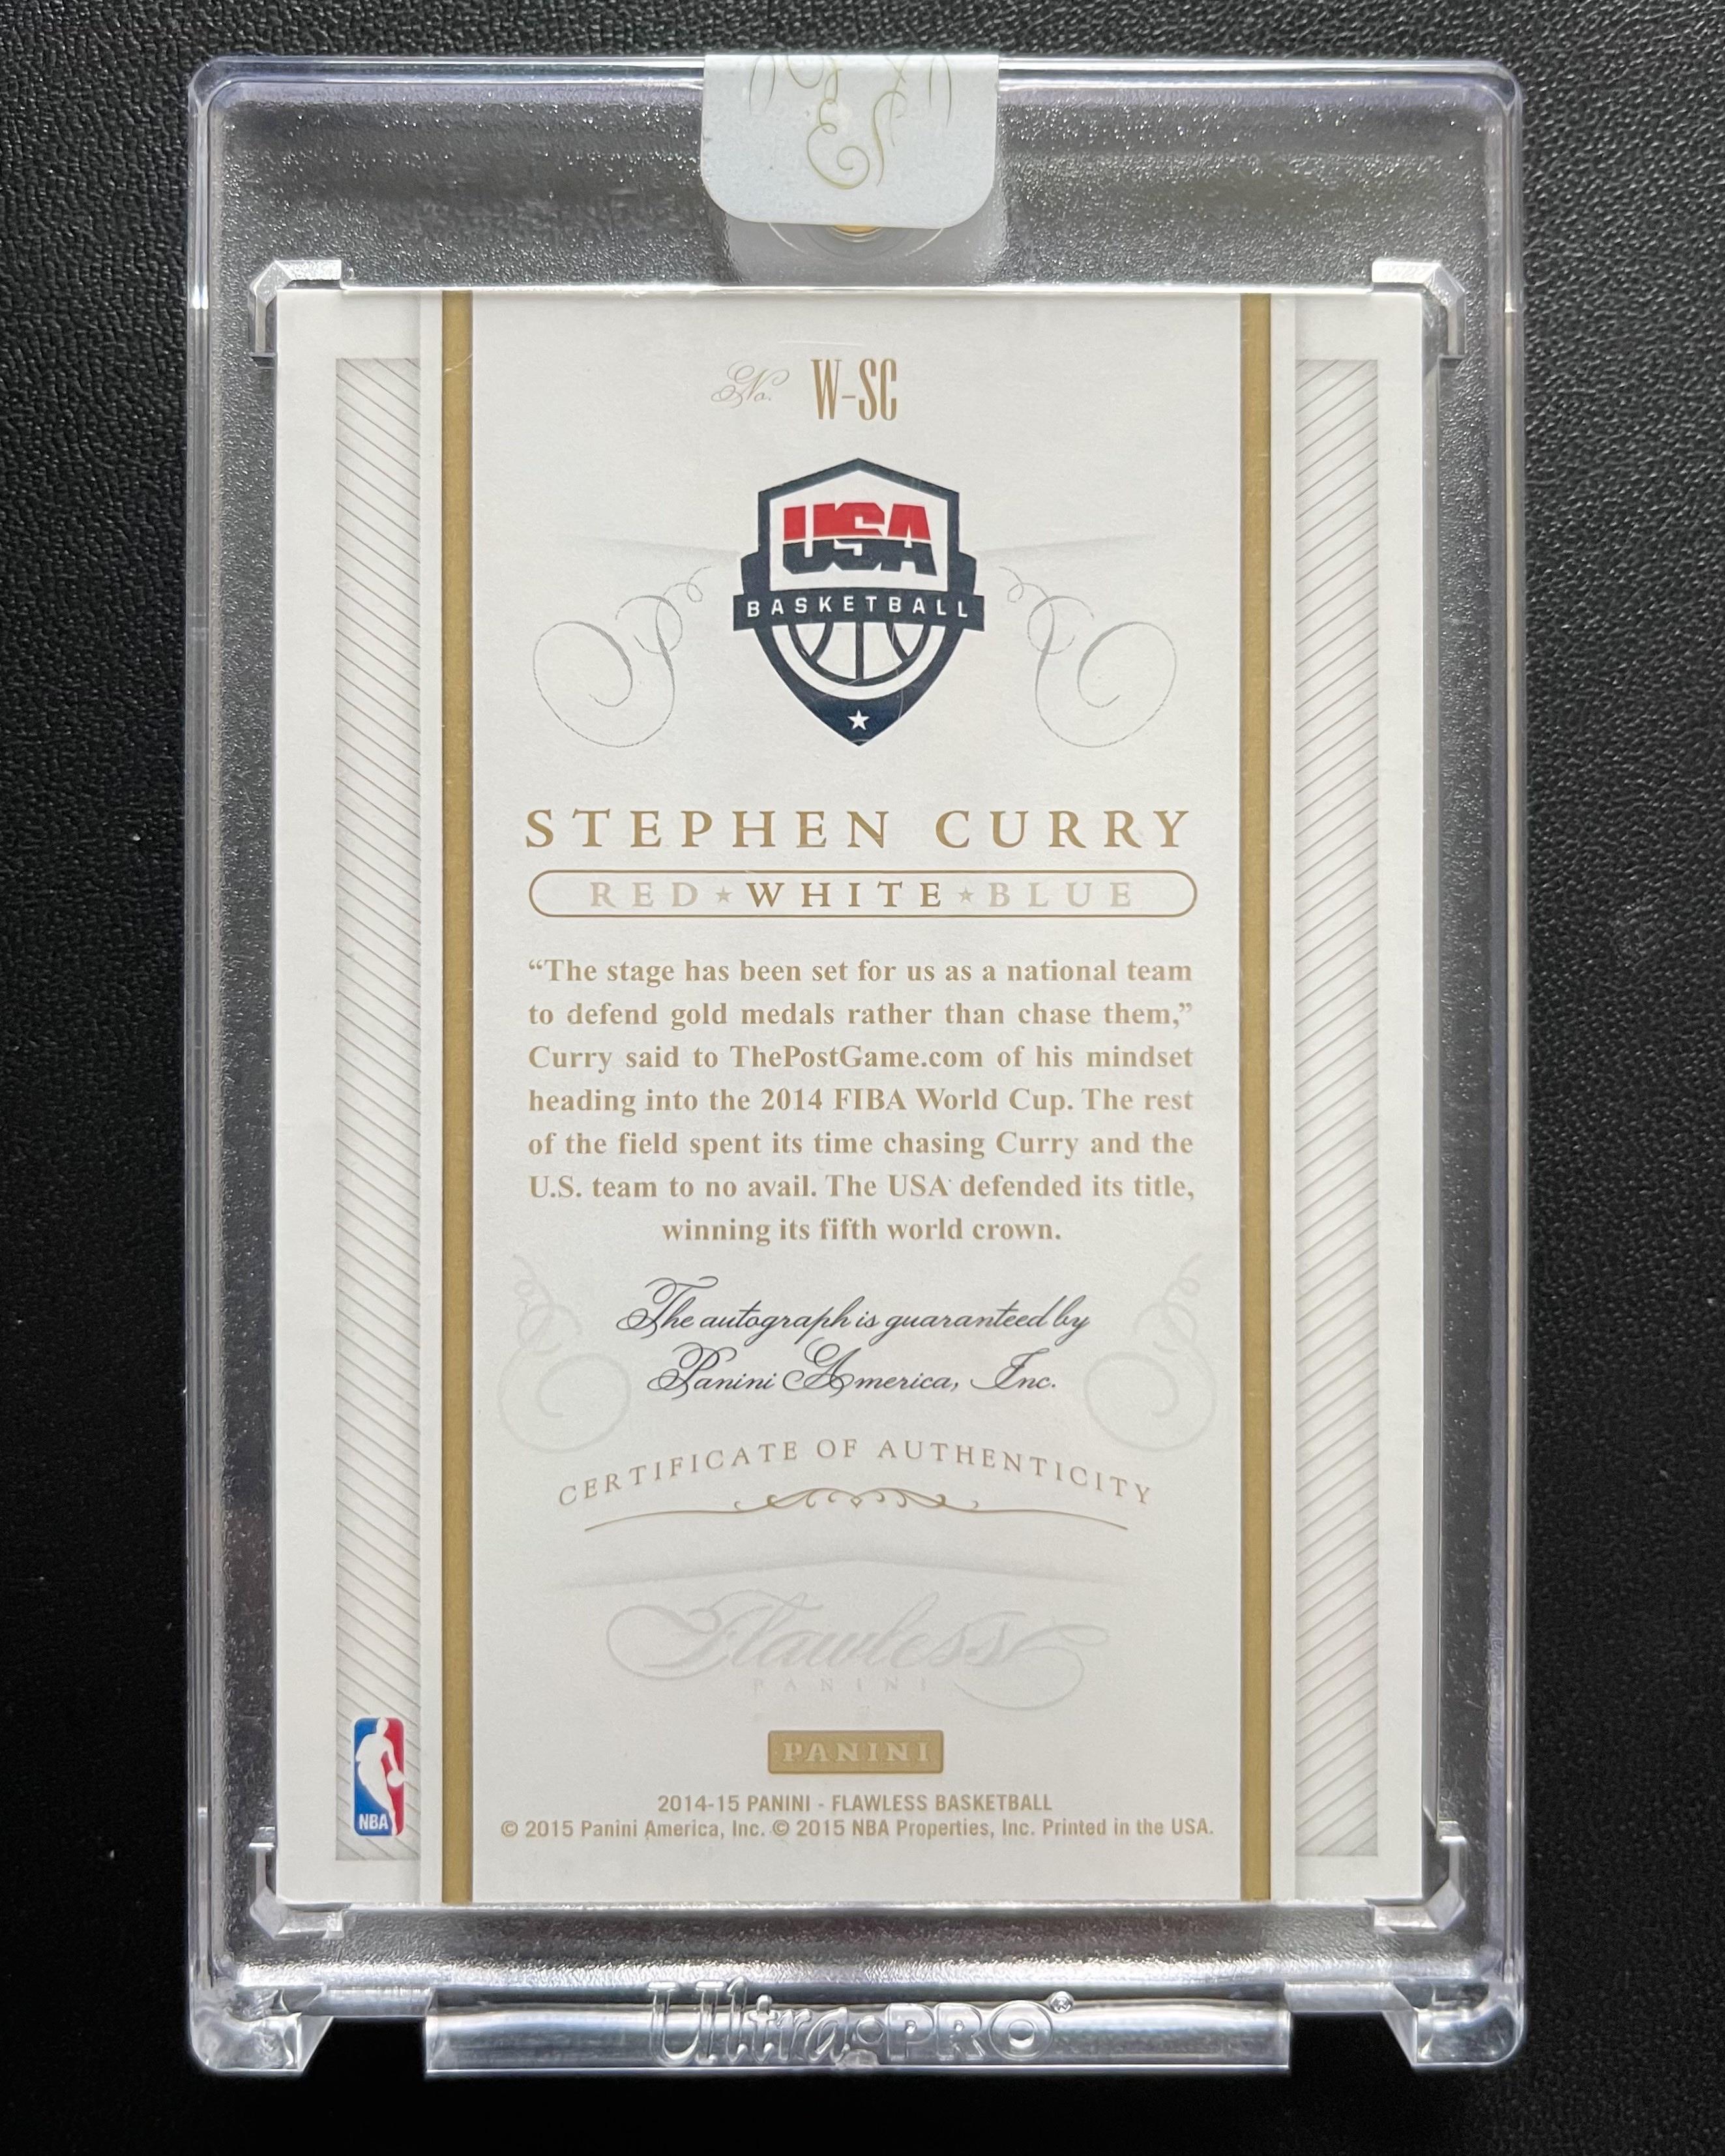 2014-15 最高端Flawless手提系列 勇士队 库里 Stephen Curry 著名的经典的美国队USA大头签字 /25 无平行 原封砖 收藏佳品!